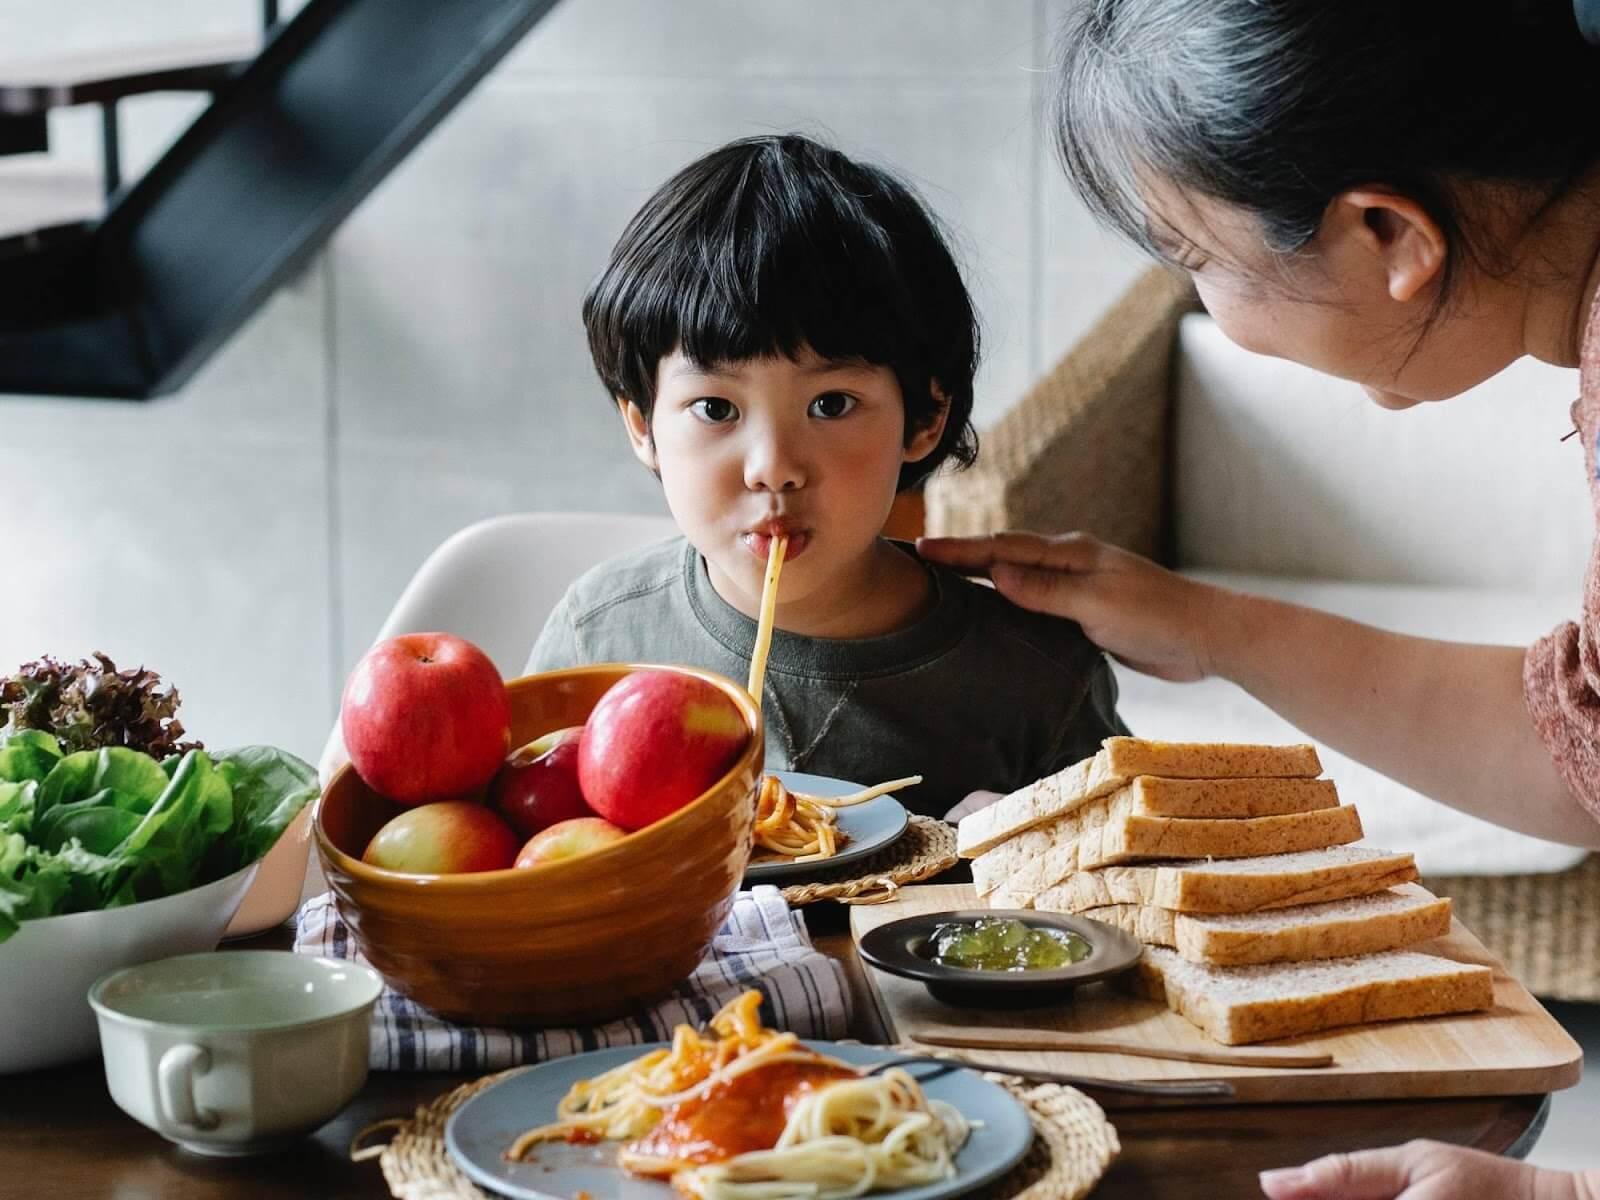 Bữa ăn của trẻ 3 tuổi biếng ăn, suy dinh dưỡng cần cung cấp đầy đủ các nhóm chất đa lượng và vi lượng